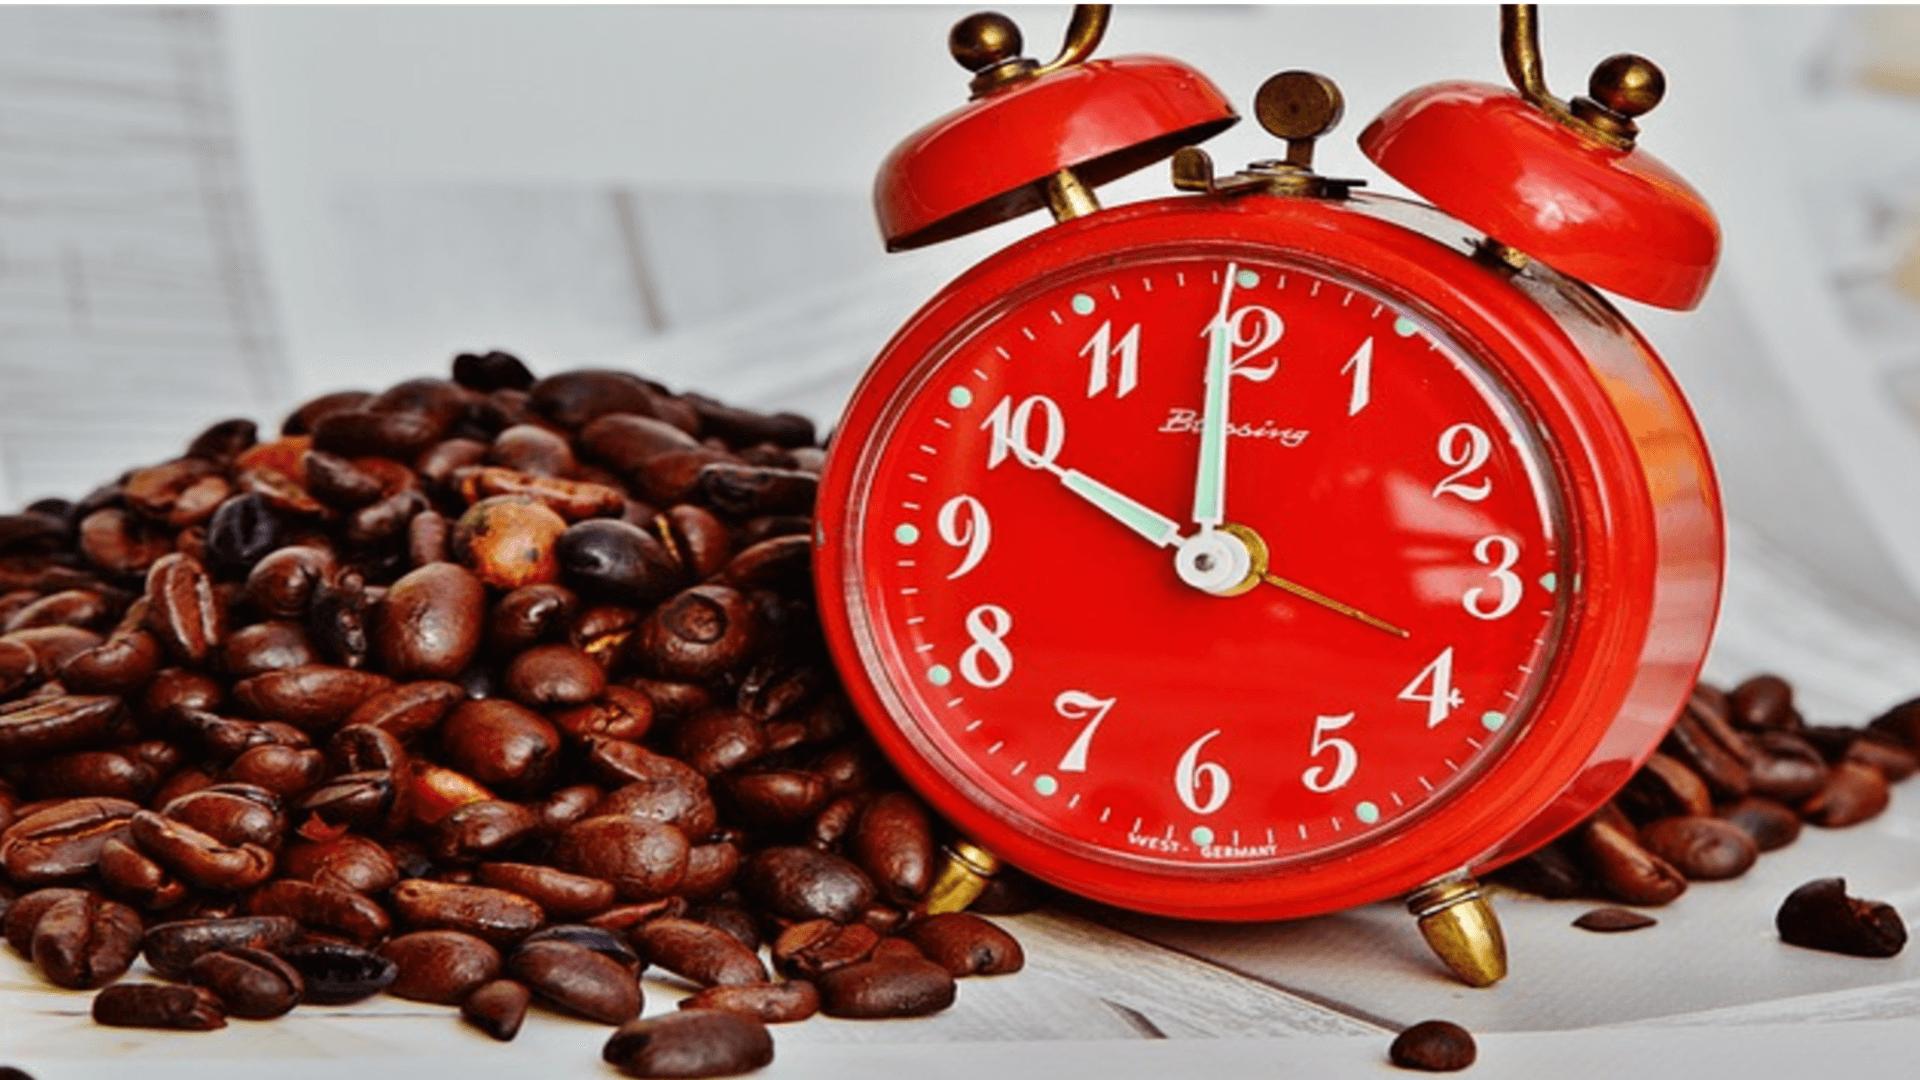 Kaffeetrinken am Abend verschiebt die innere Uhr um 40 Minuten